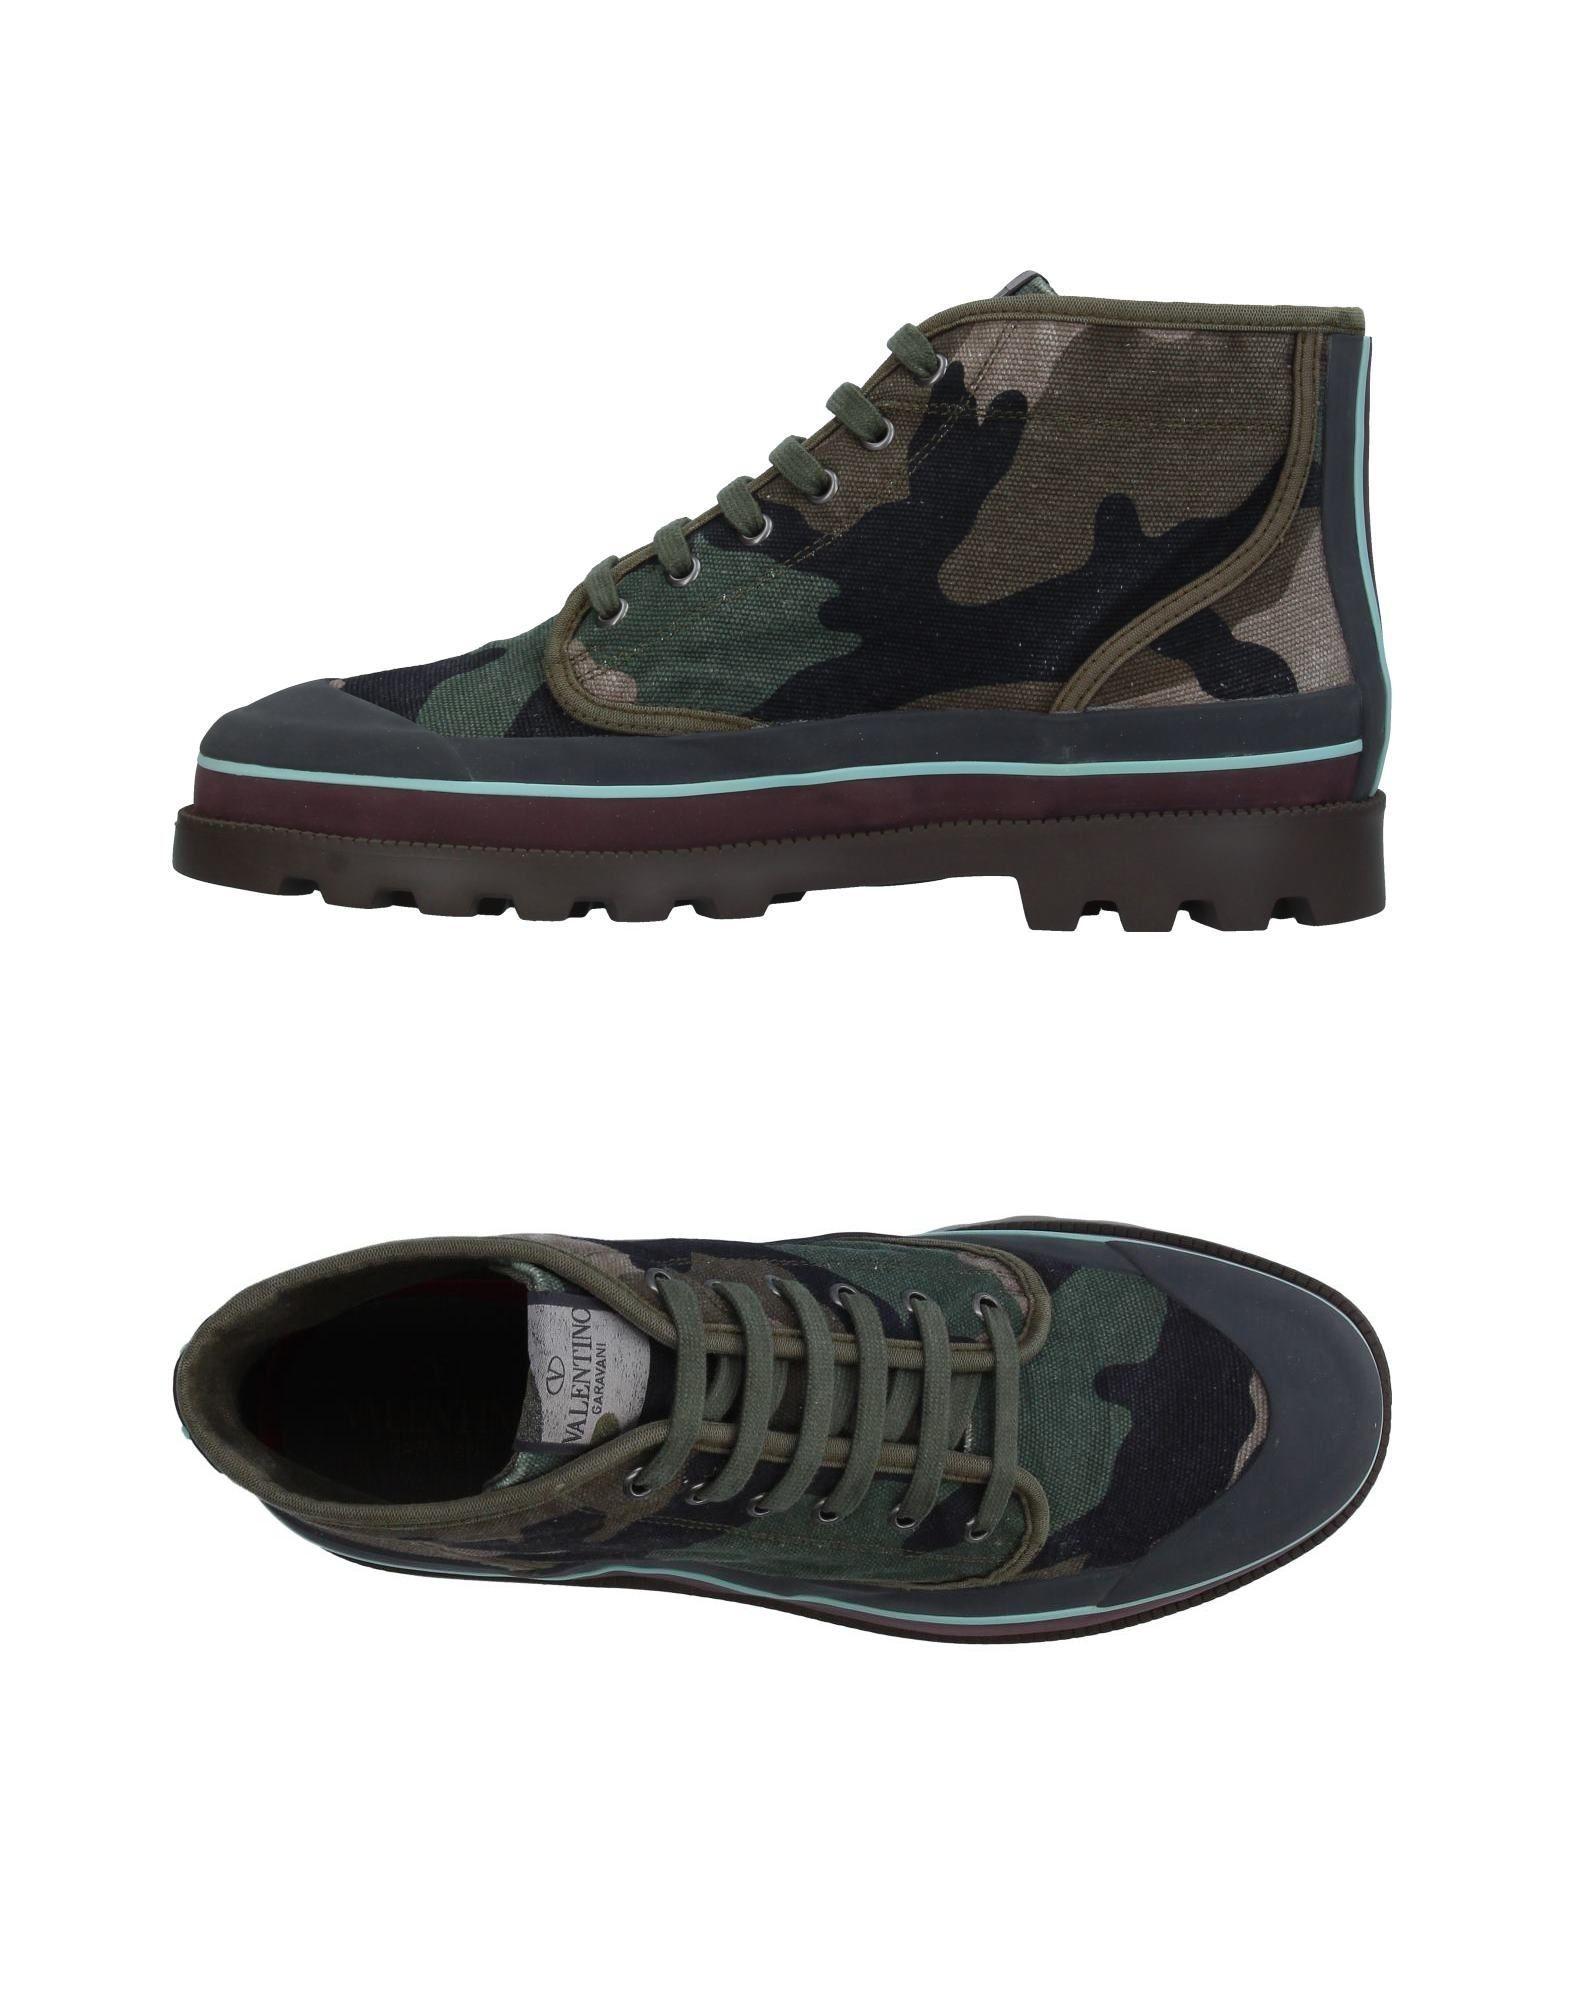 Valentino Garavani Sneakers Herren  11356849GV Gute Qualität beliebte Schuhe